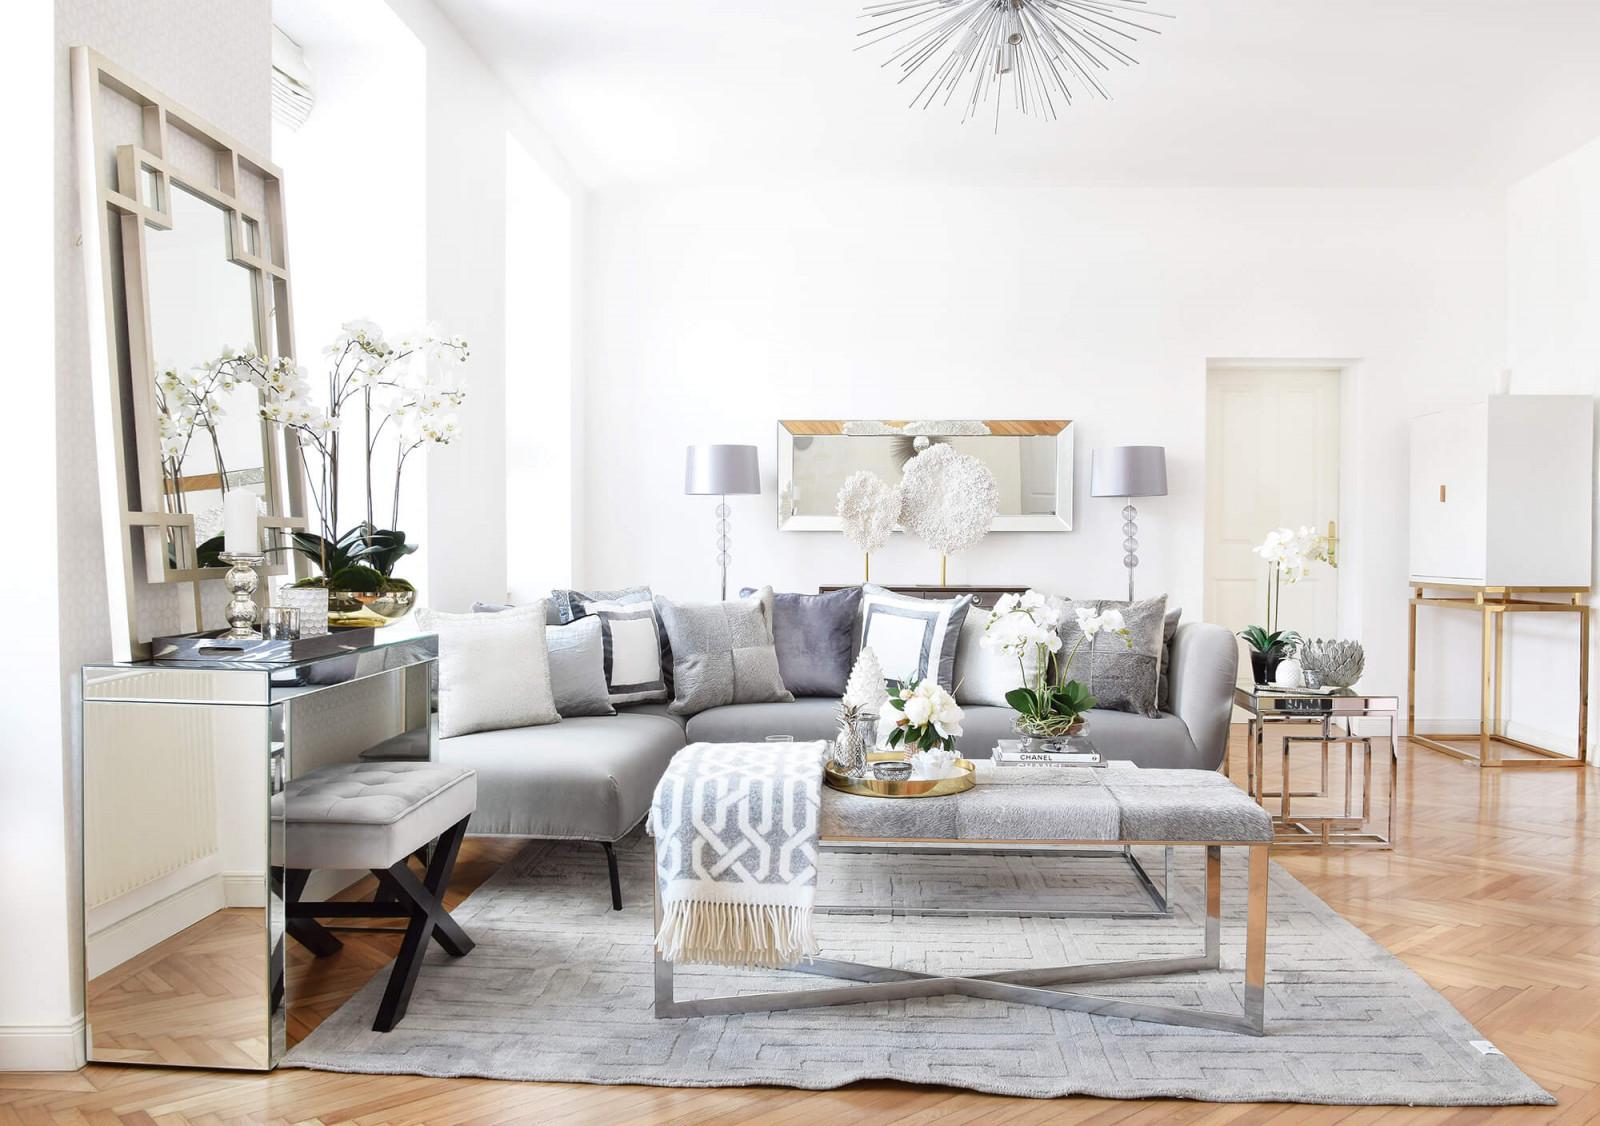 Urban Loft Livingroom  Wohnzimmer In Silber  Grau  Looks von Silber Deko Wohnzimmer Bild